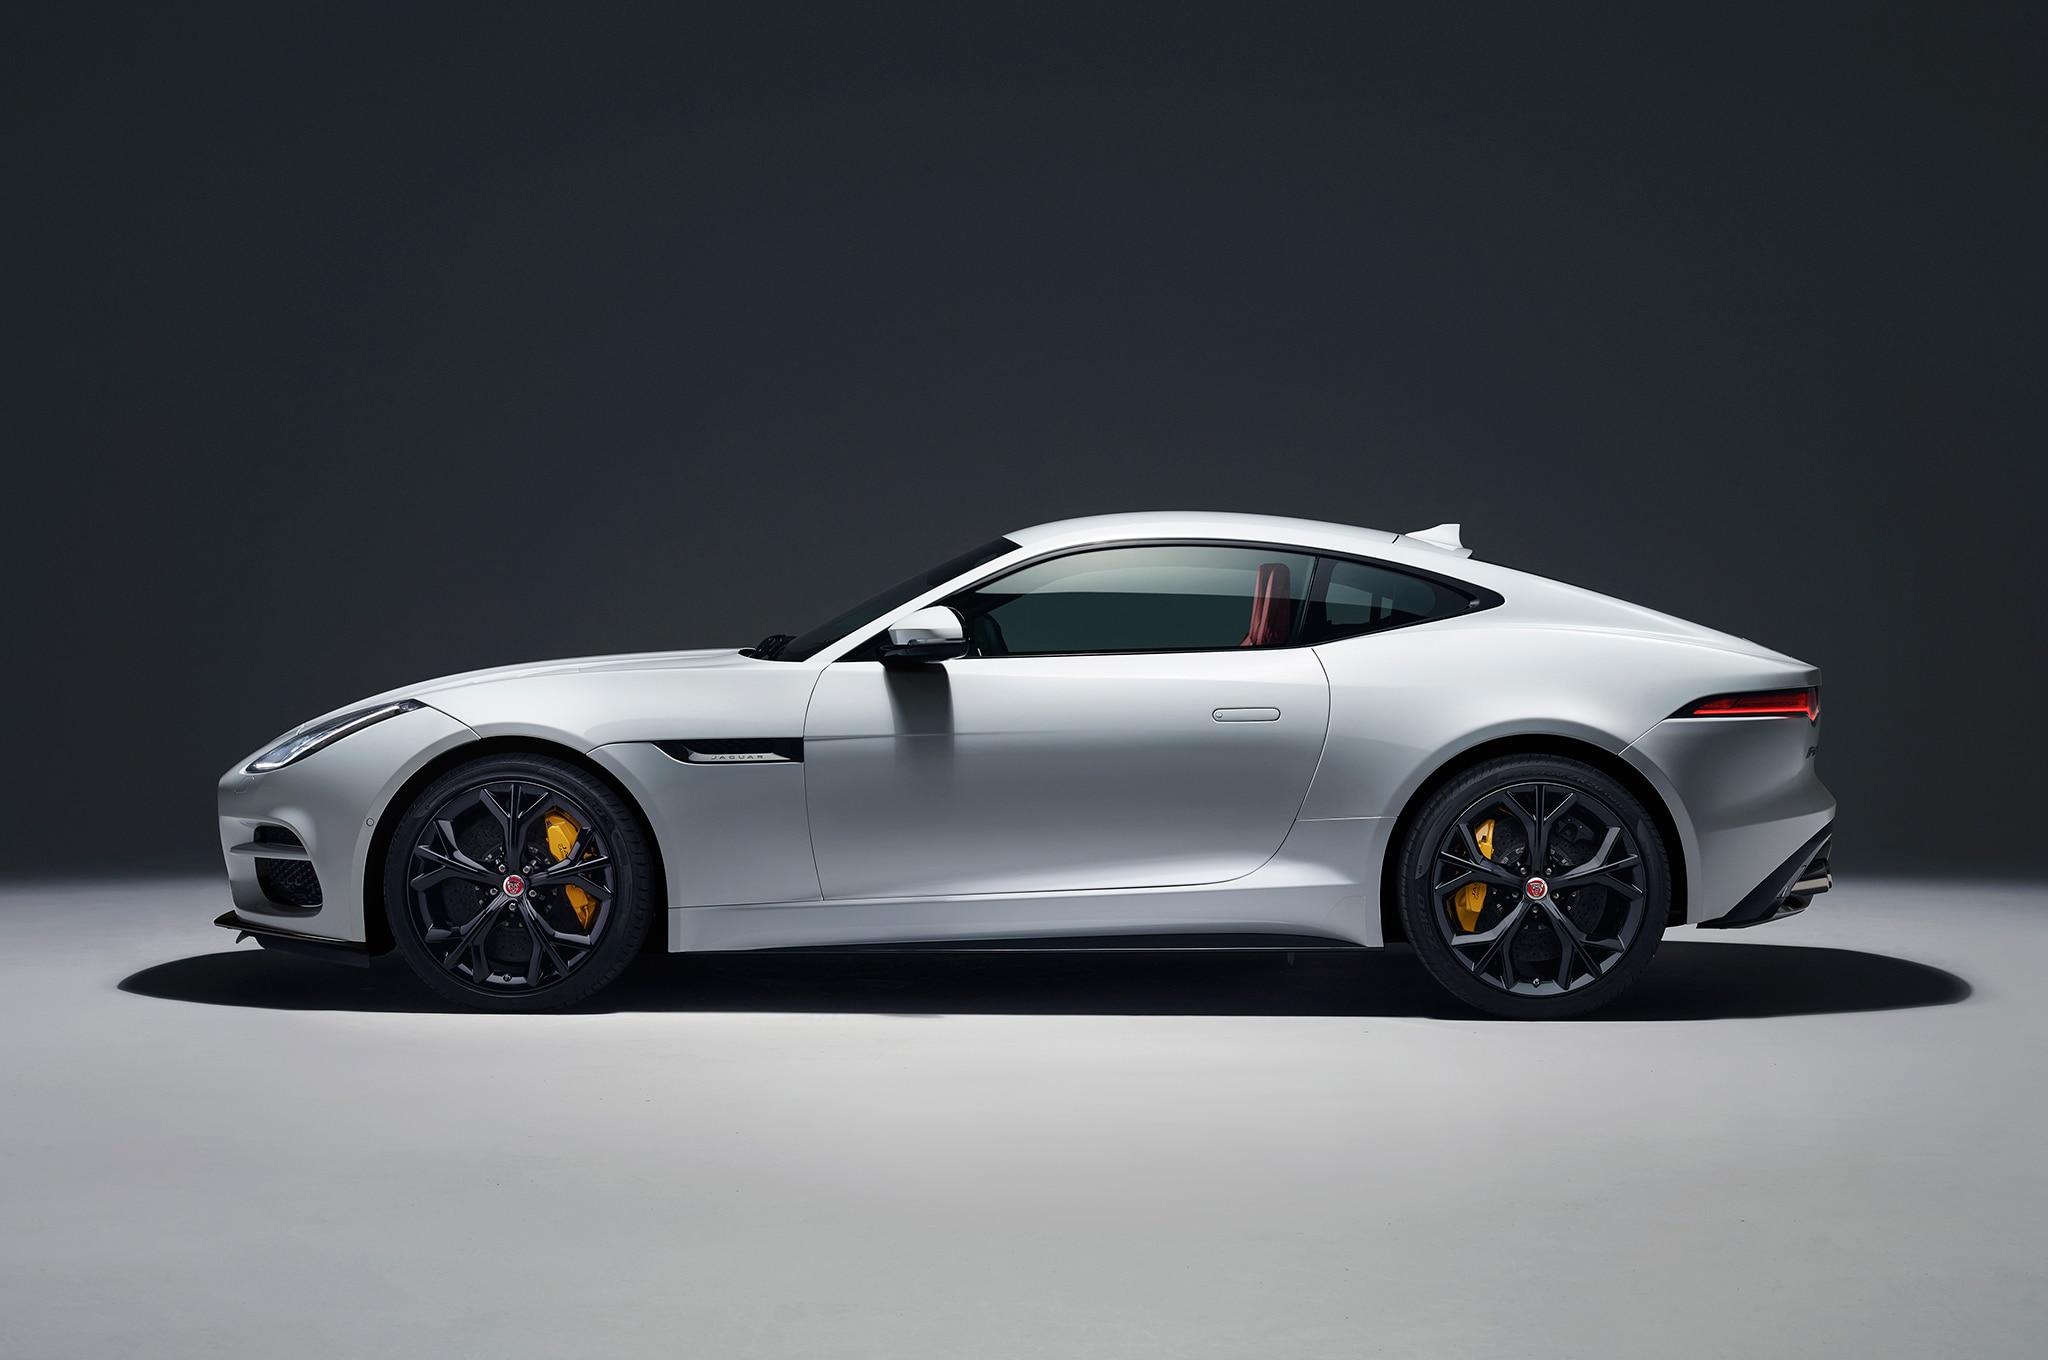 2018 Jaguar F Type R side profile